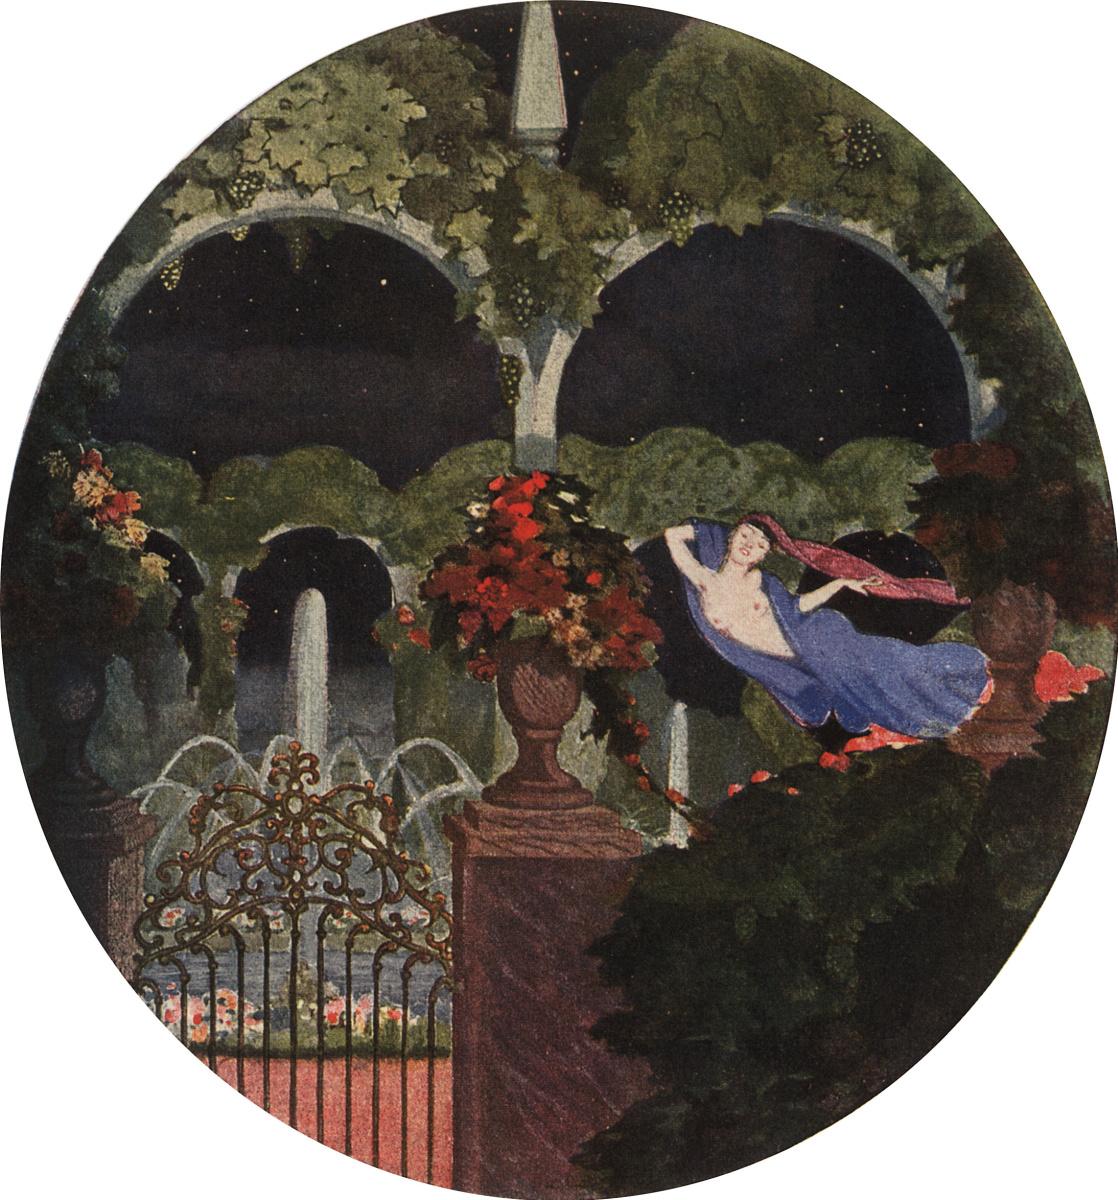 Константин Андреевич Сомов. Волшебный сад (Ночное видение)